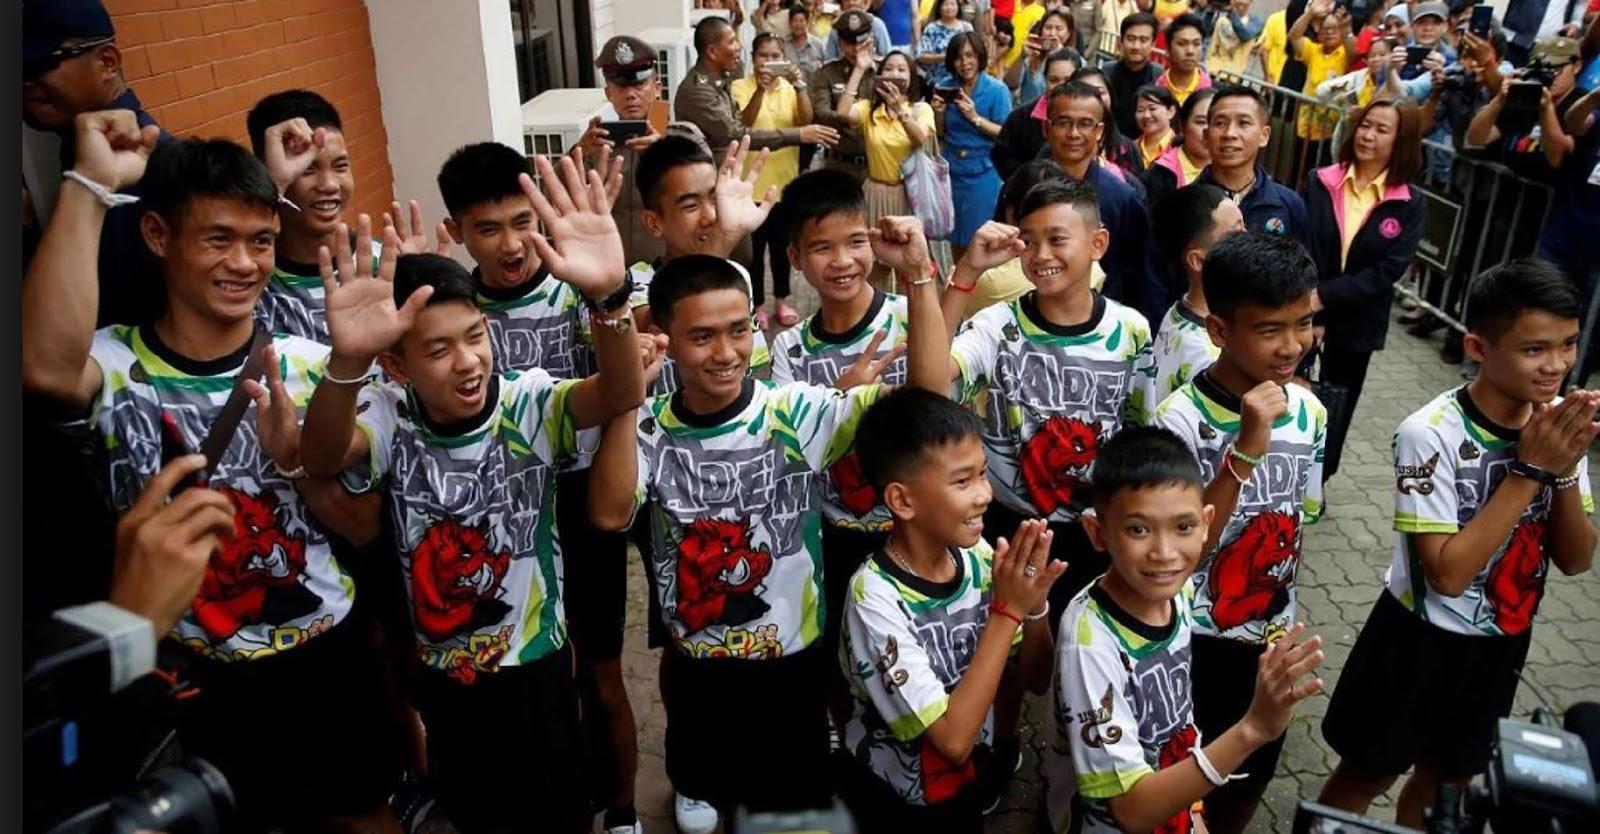 THAI CAVE RESCUE 3